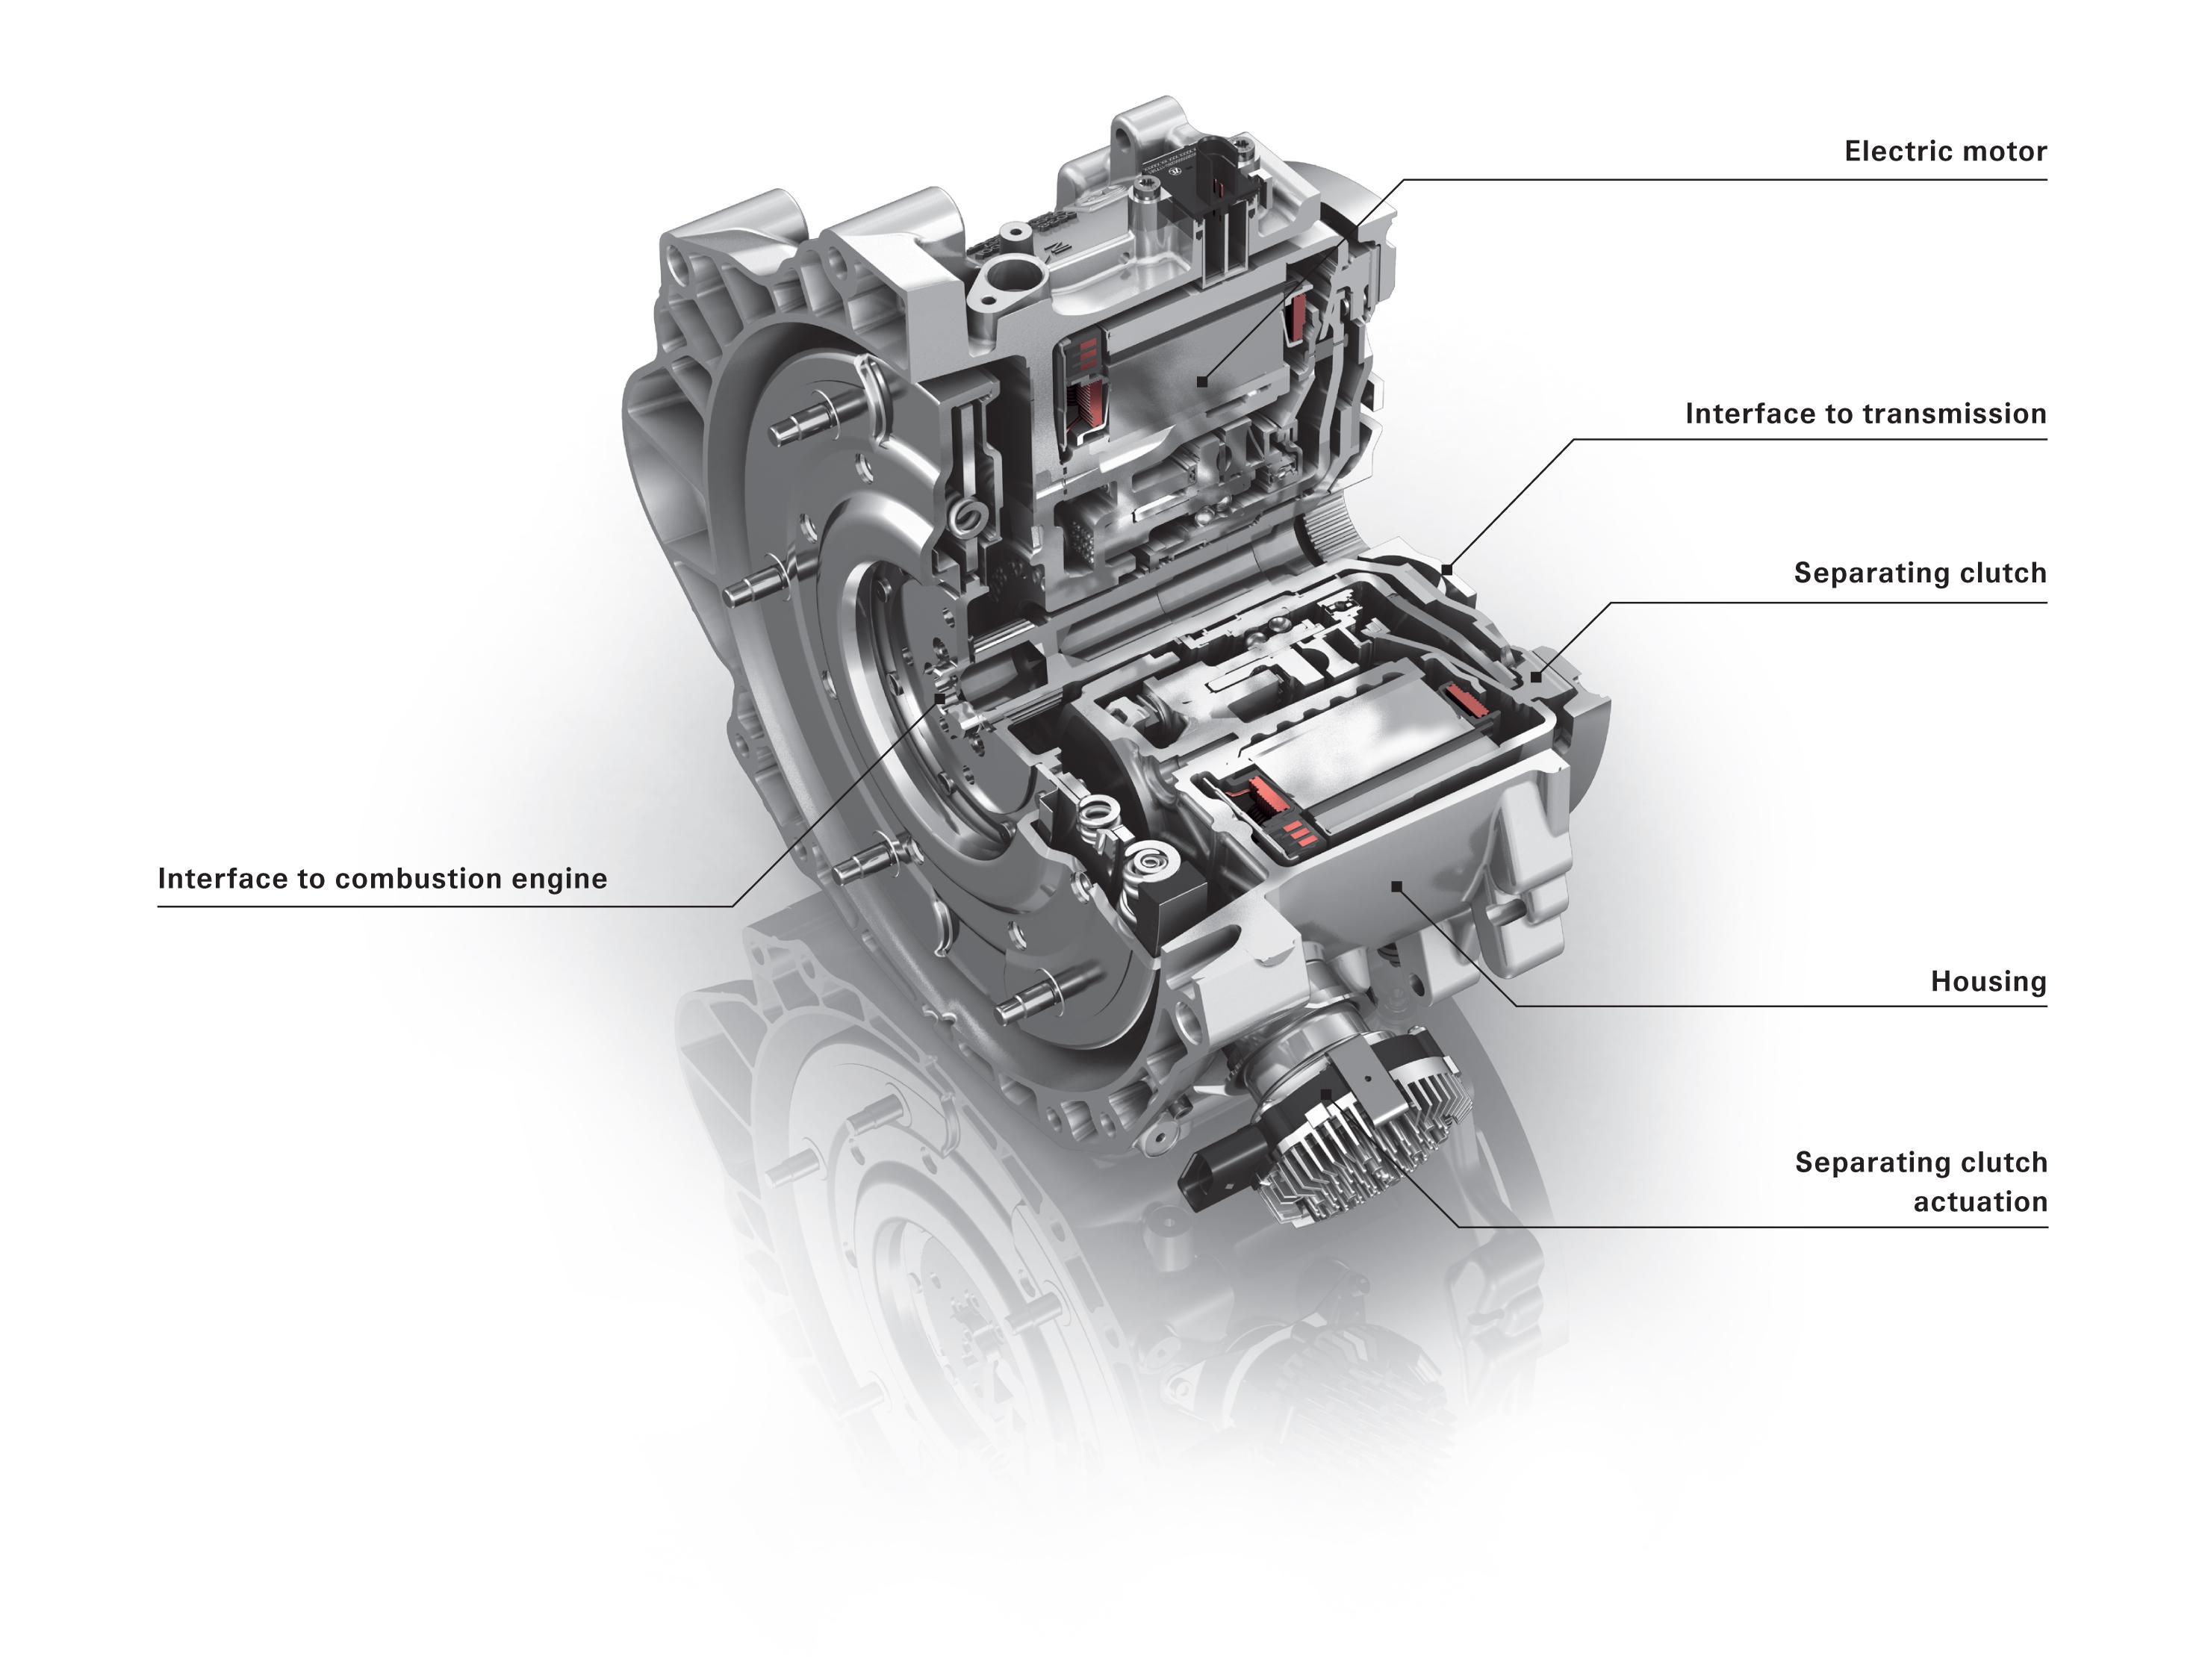 Meet Zf And Porsche U0026 39 S New Eight-speed Dct